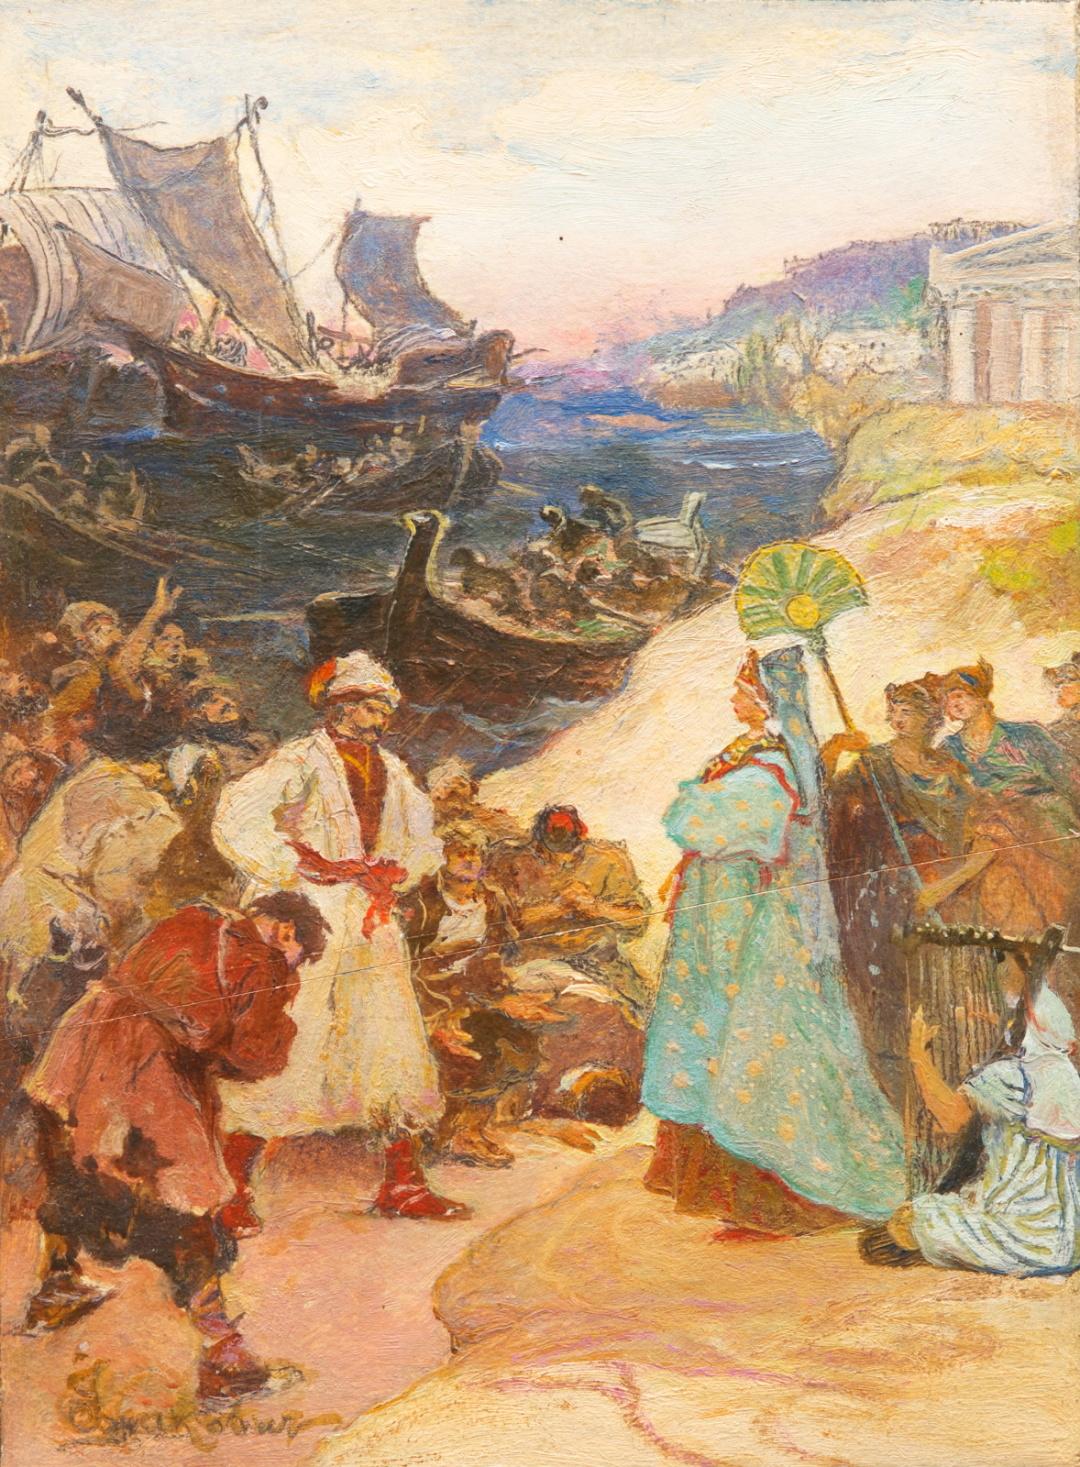 Ілюстрація до Енеїди, Троянці і Дідона, 1940-і рр.